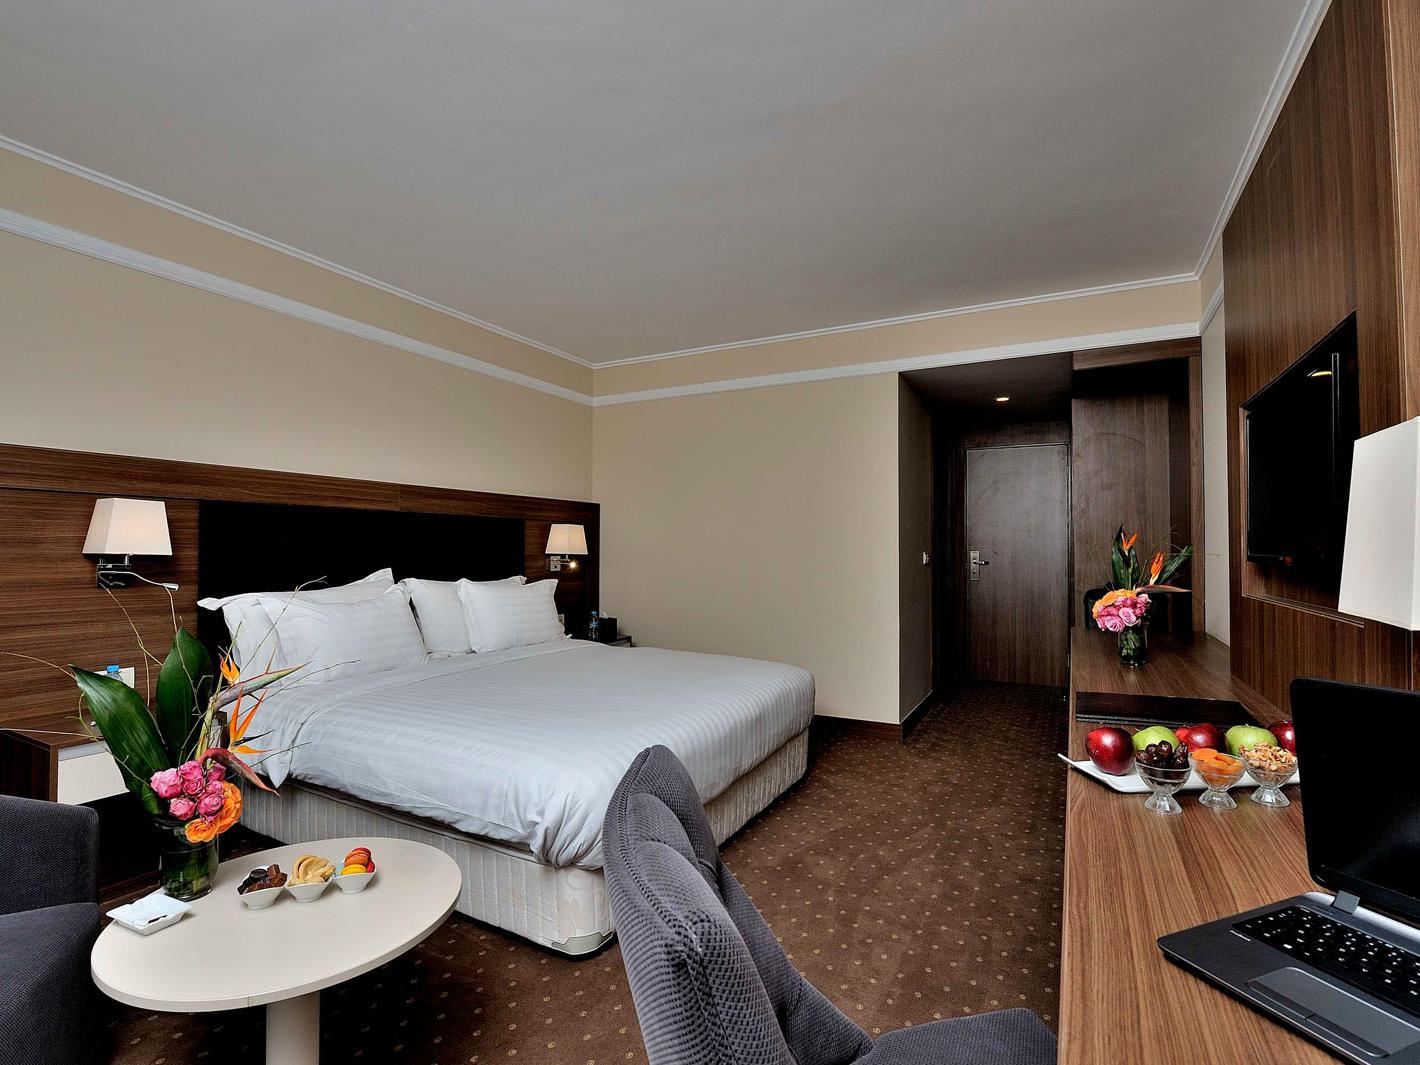 Deluxe Room at Kenzi Basma Hotel in Casablanca, Morocco